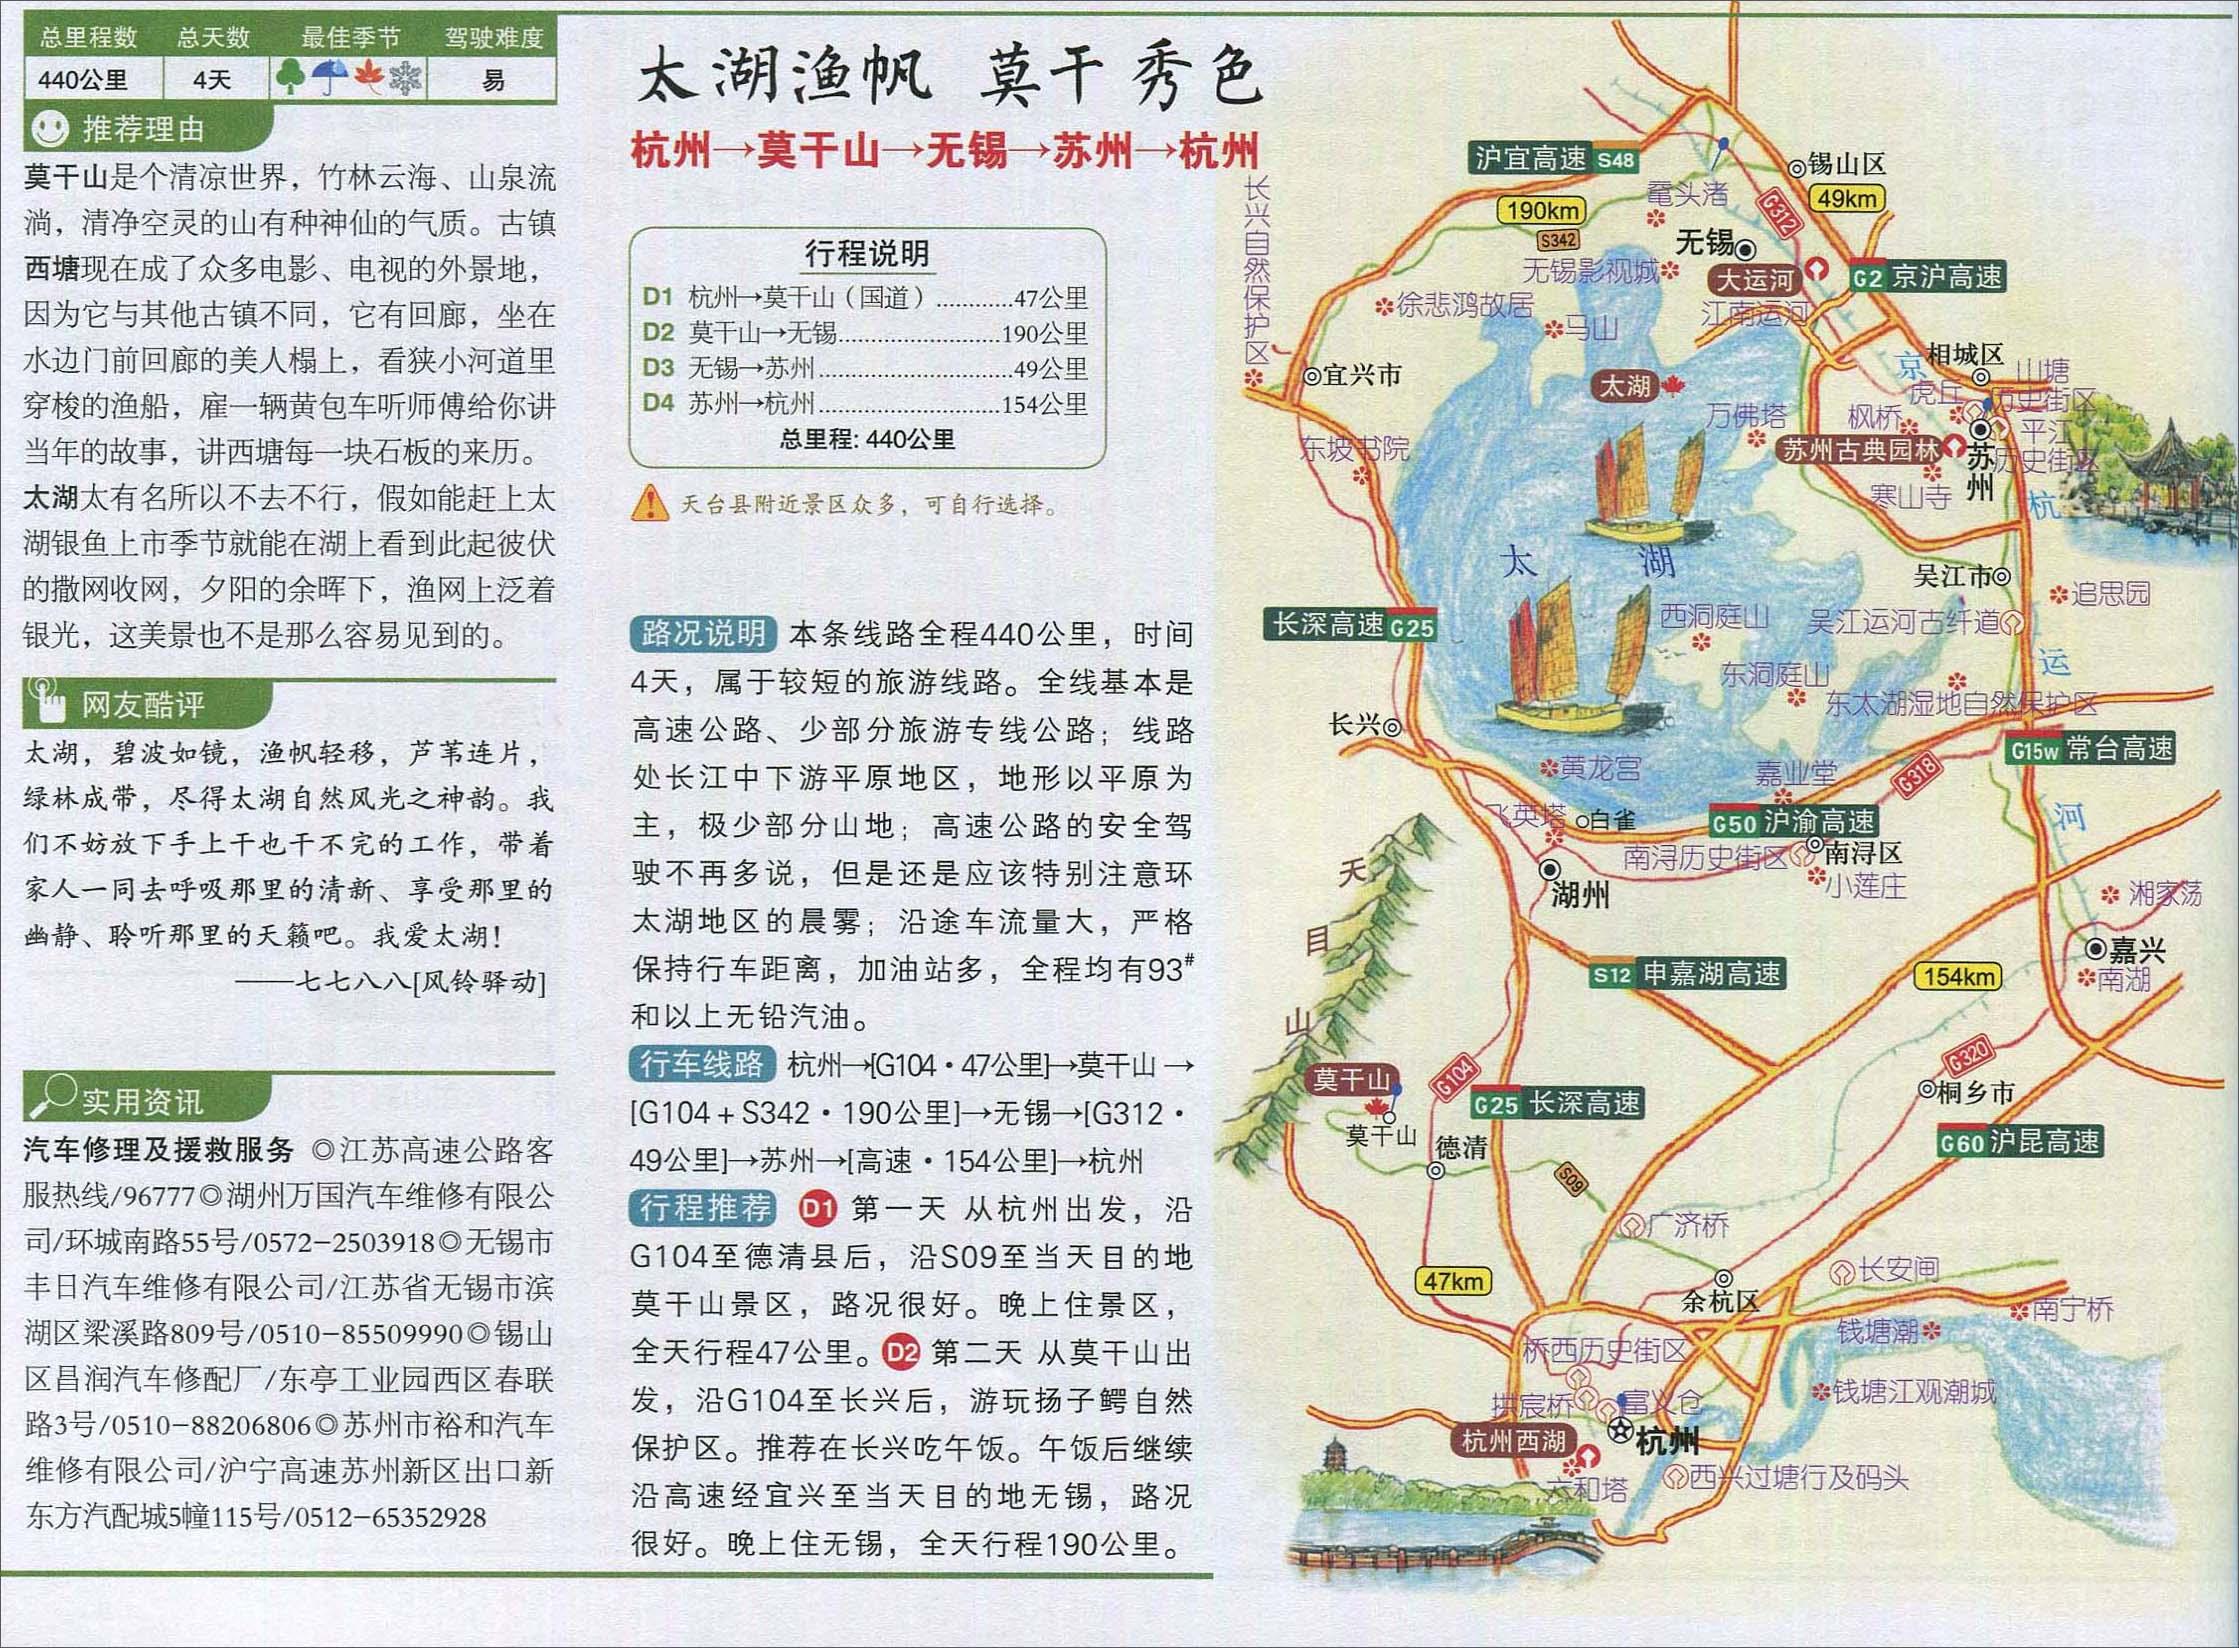 杭州至无锡自驾游路线图